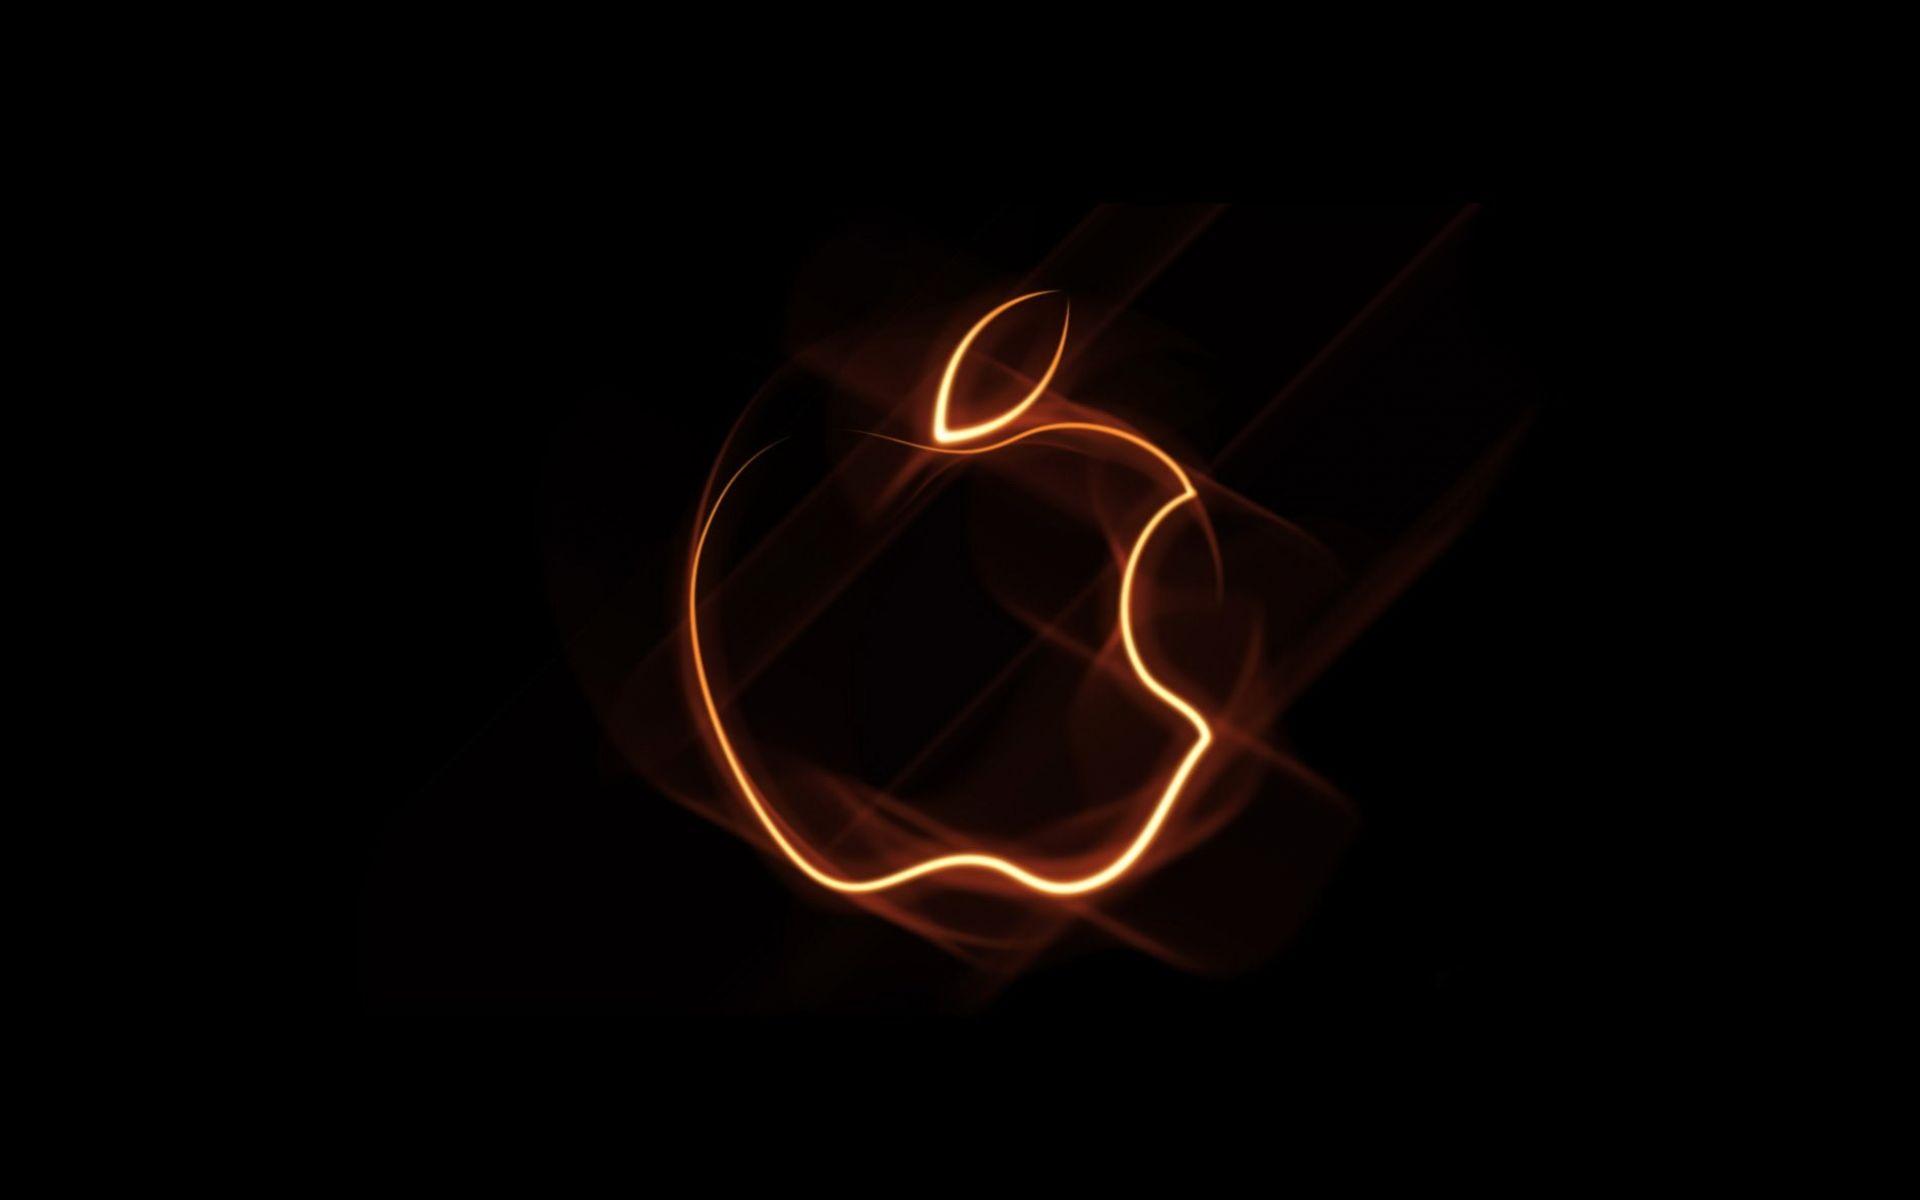 Apple на чёрном фоне обои для рабочего